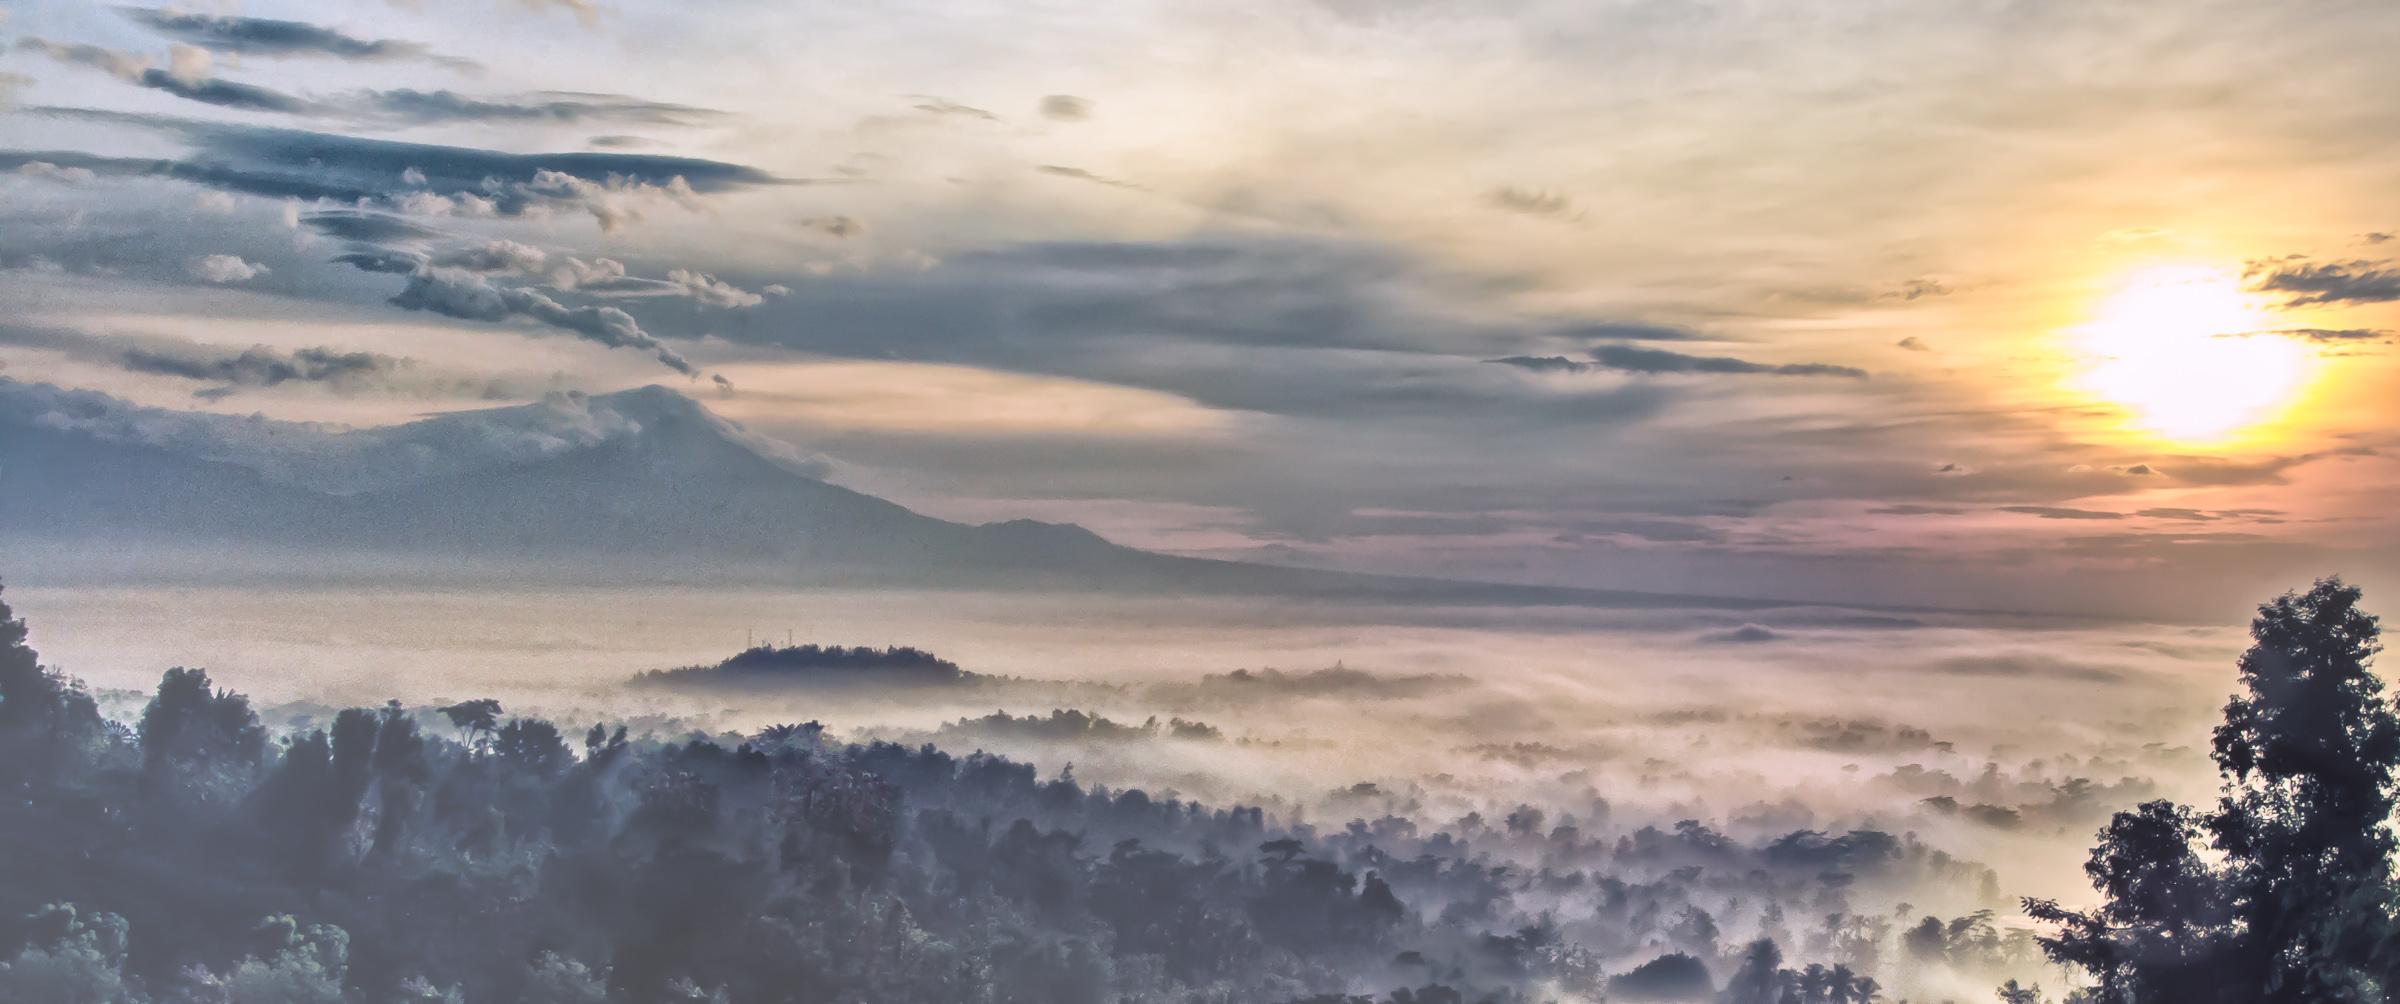 Setumbu Borobudur - Iksa Menajang